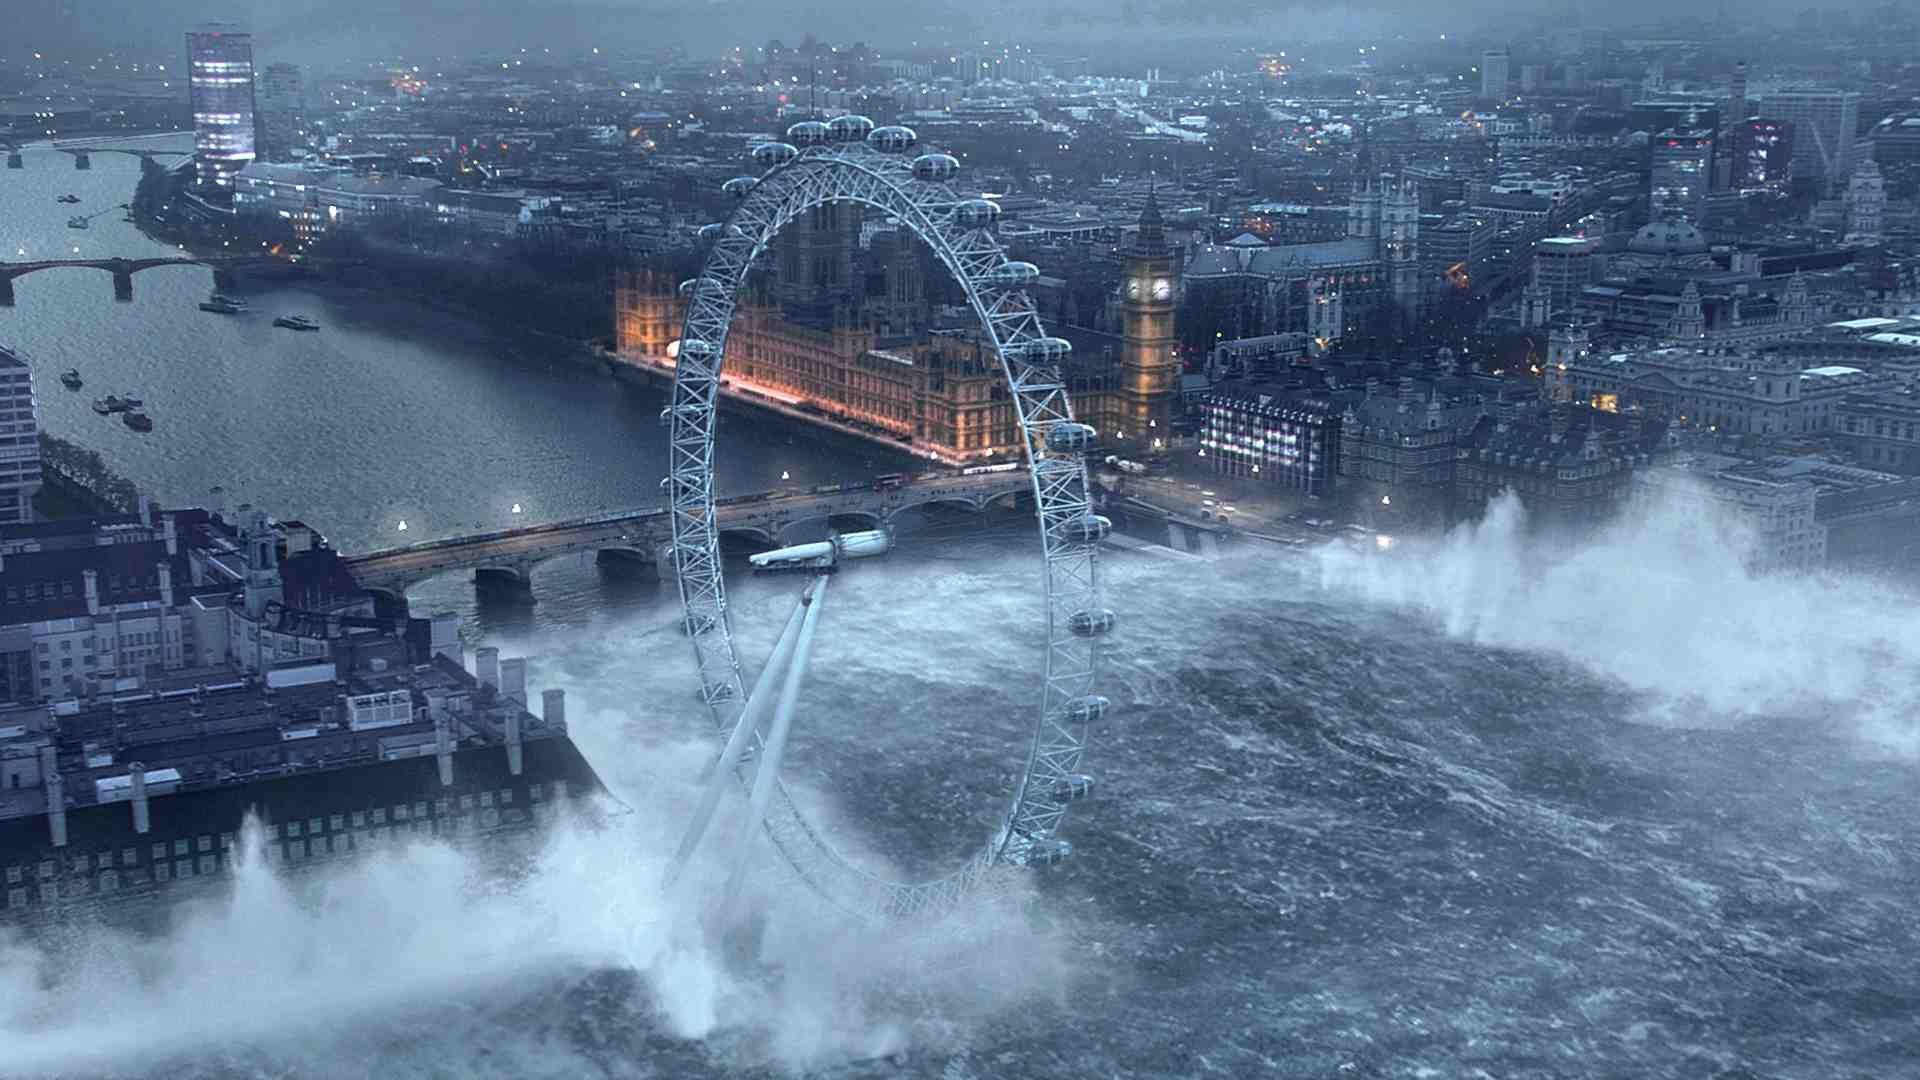 К чему снится наводнение и потоп? Сонник наводнение